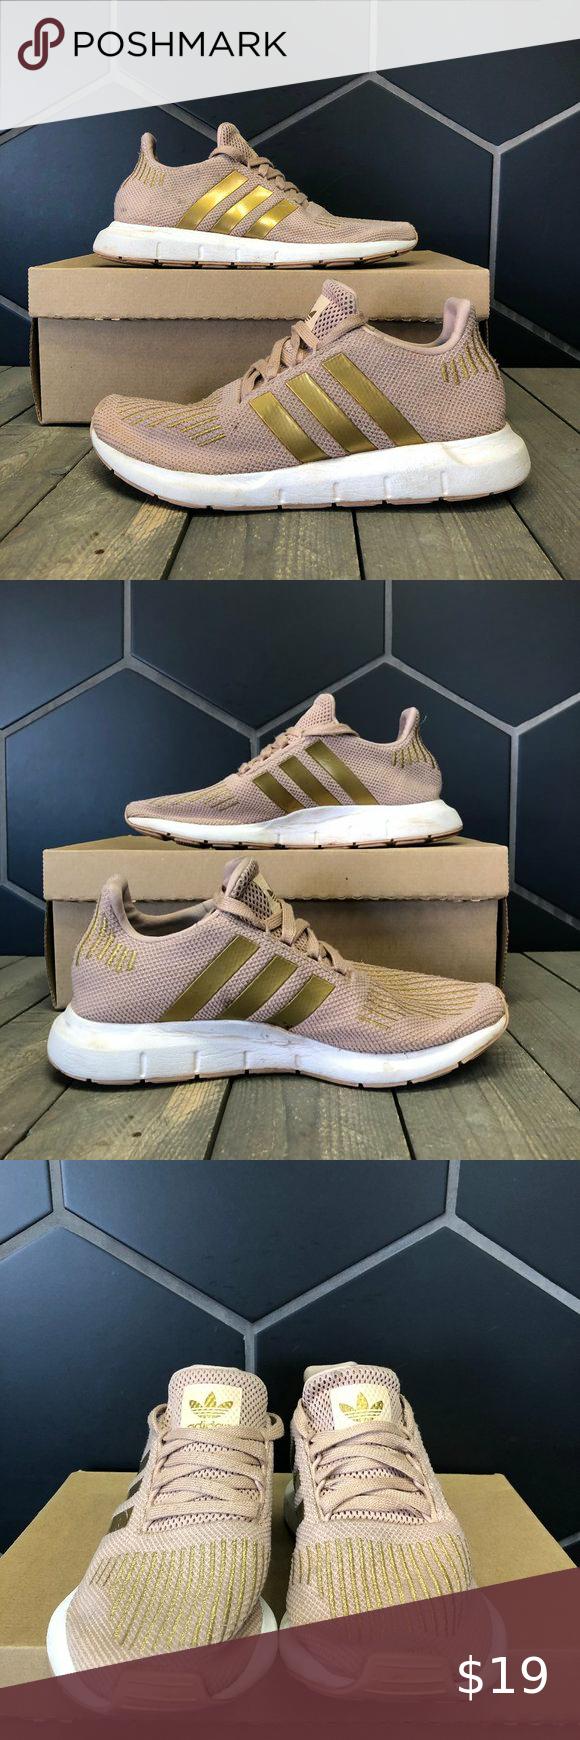 kids adidas rose gold